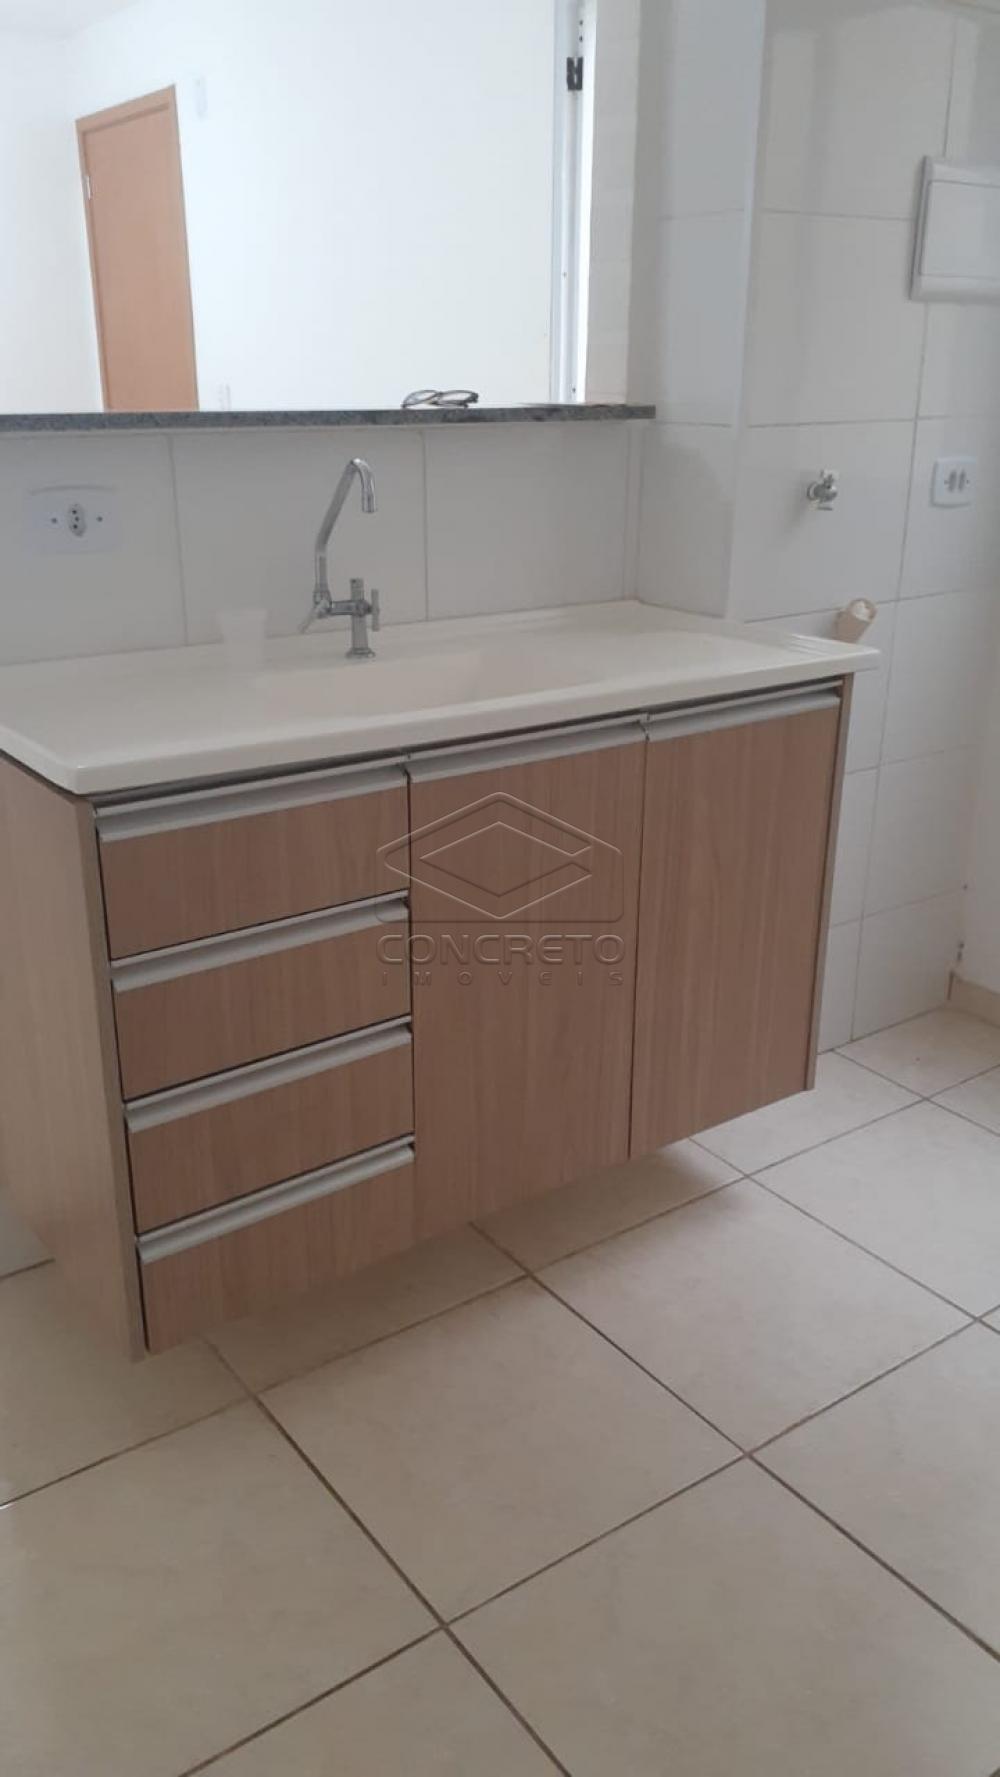 Alugar Apartamento / Padrão em Bauru R$ 790,00 - Foto 1